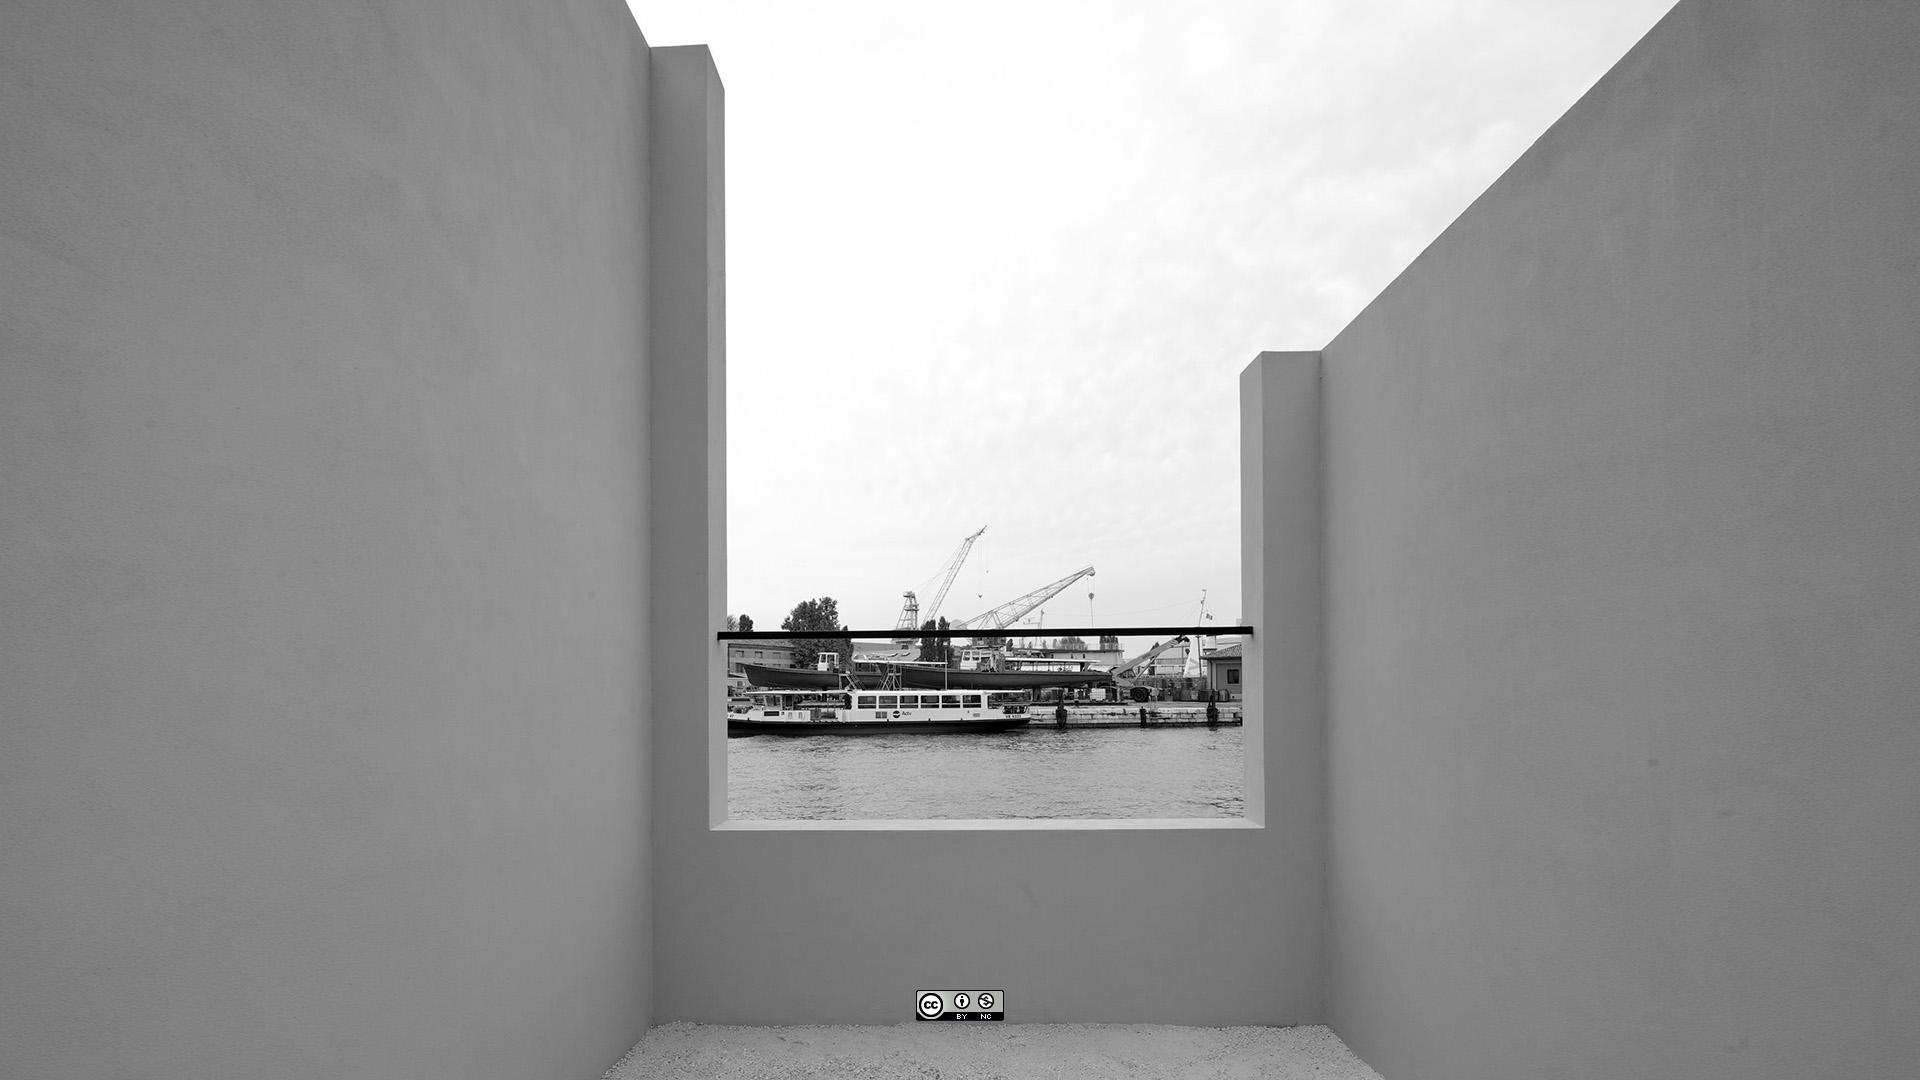 Eduardo Souto de Moura's Windows